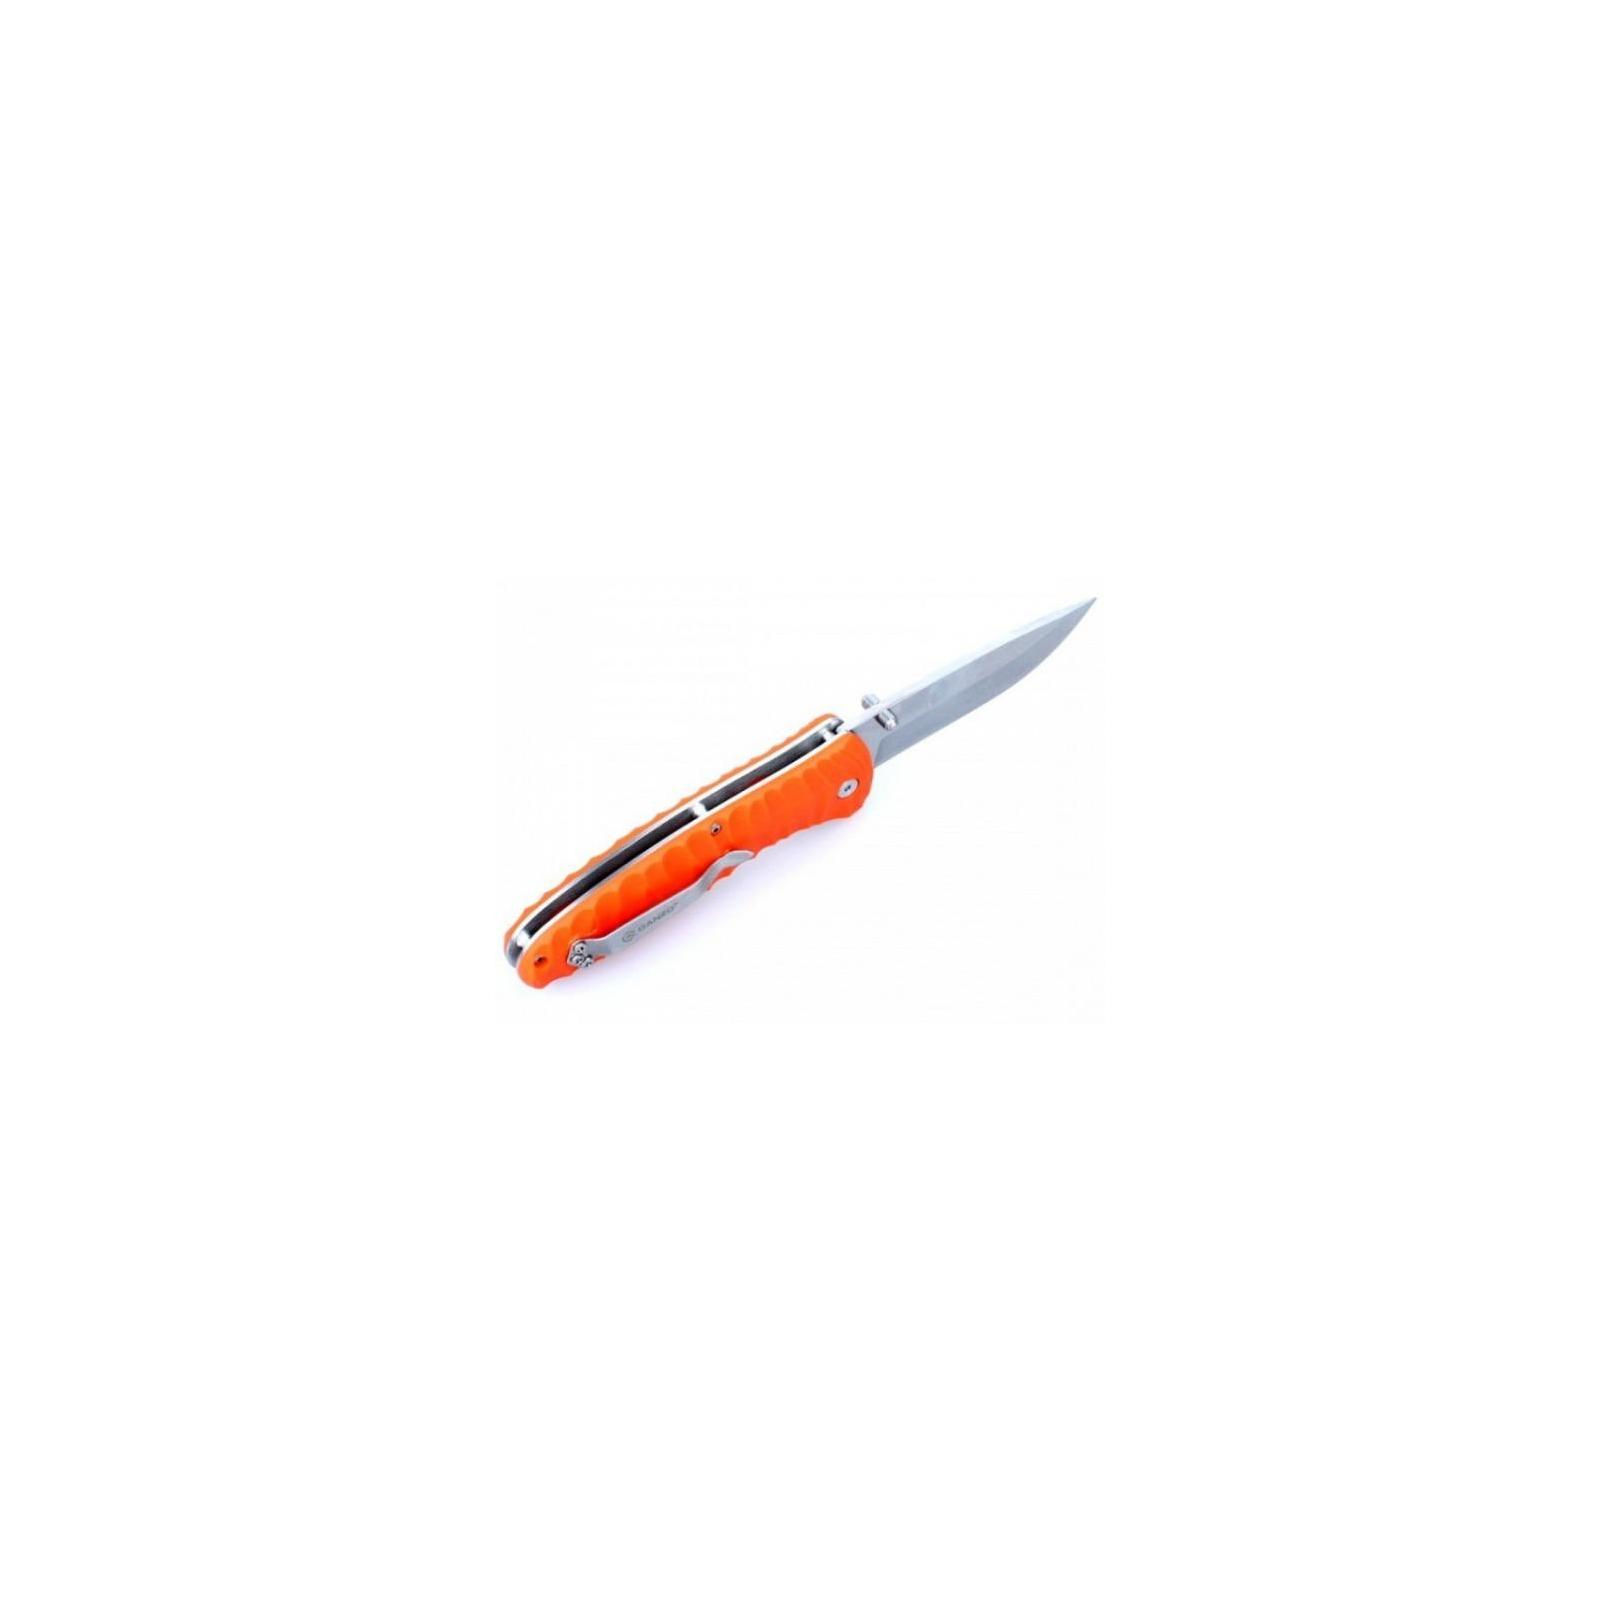 Нож Ganzo G6252-BK черный (G6252-BK) изображение 3